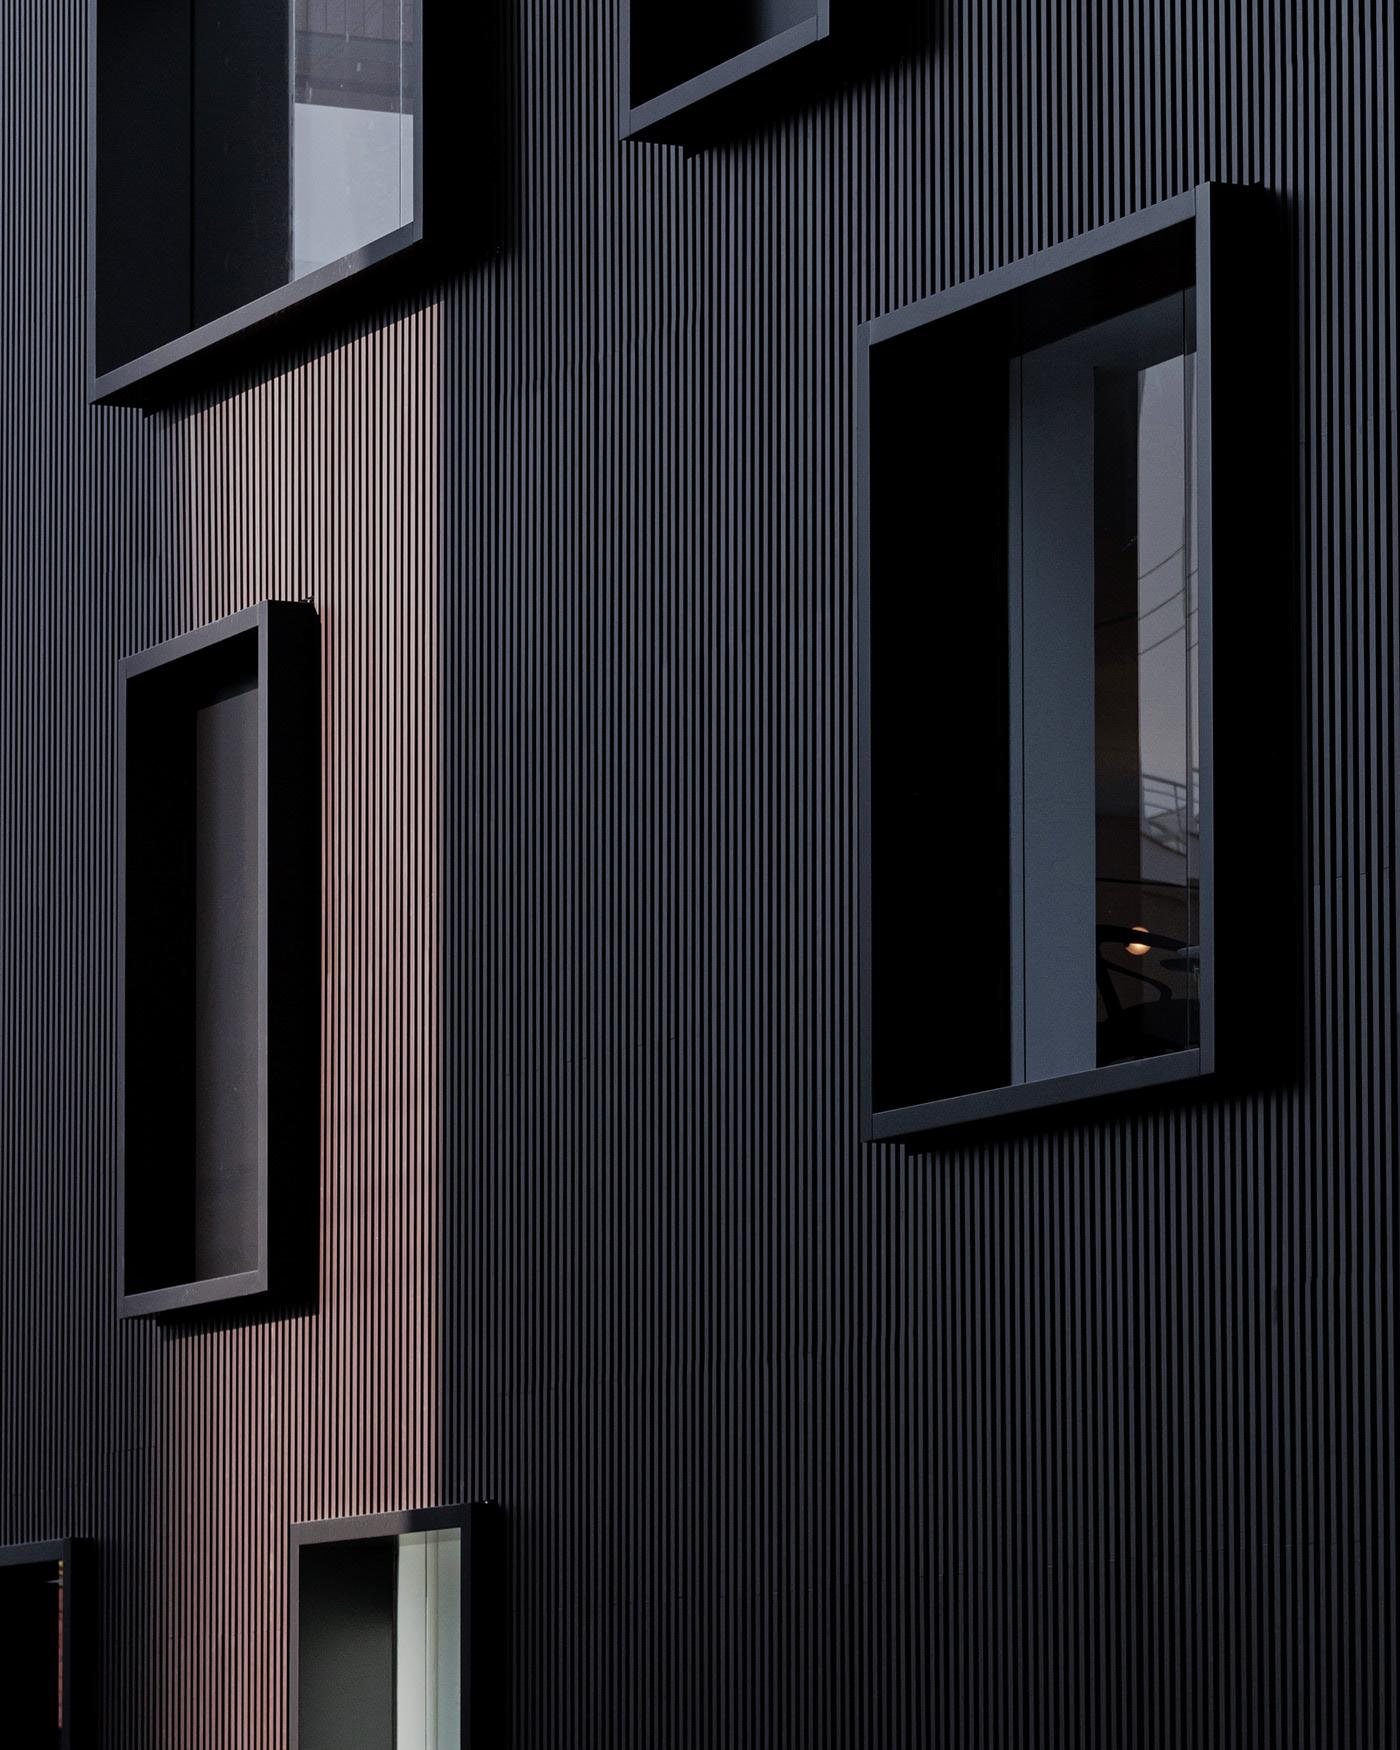 罗兰德式门窗丨别墅门窗的发展前景怎么样?